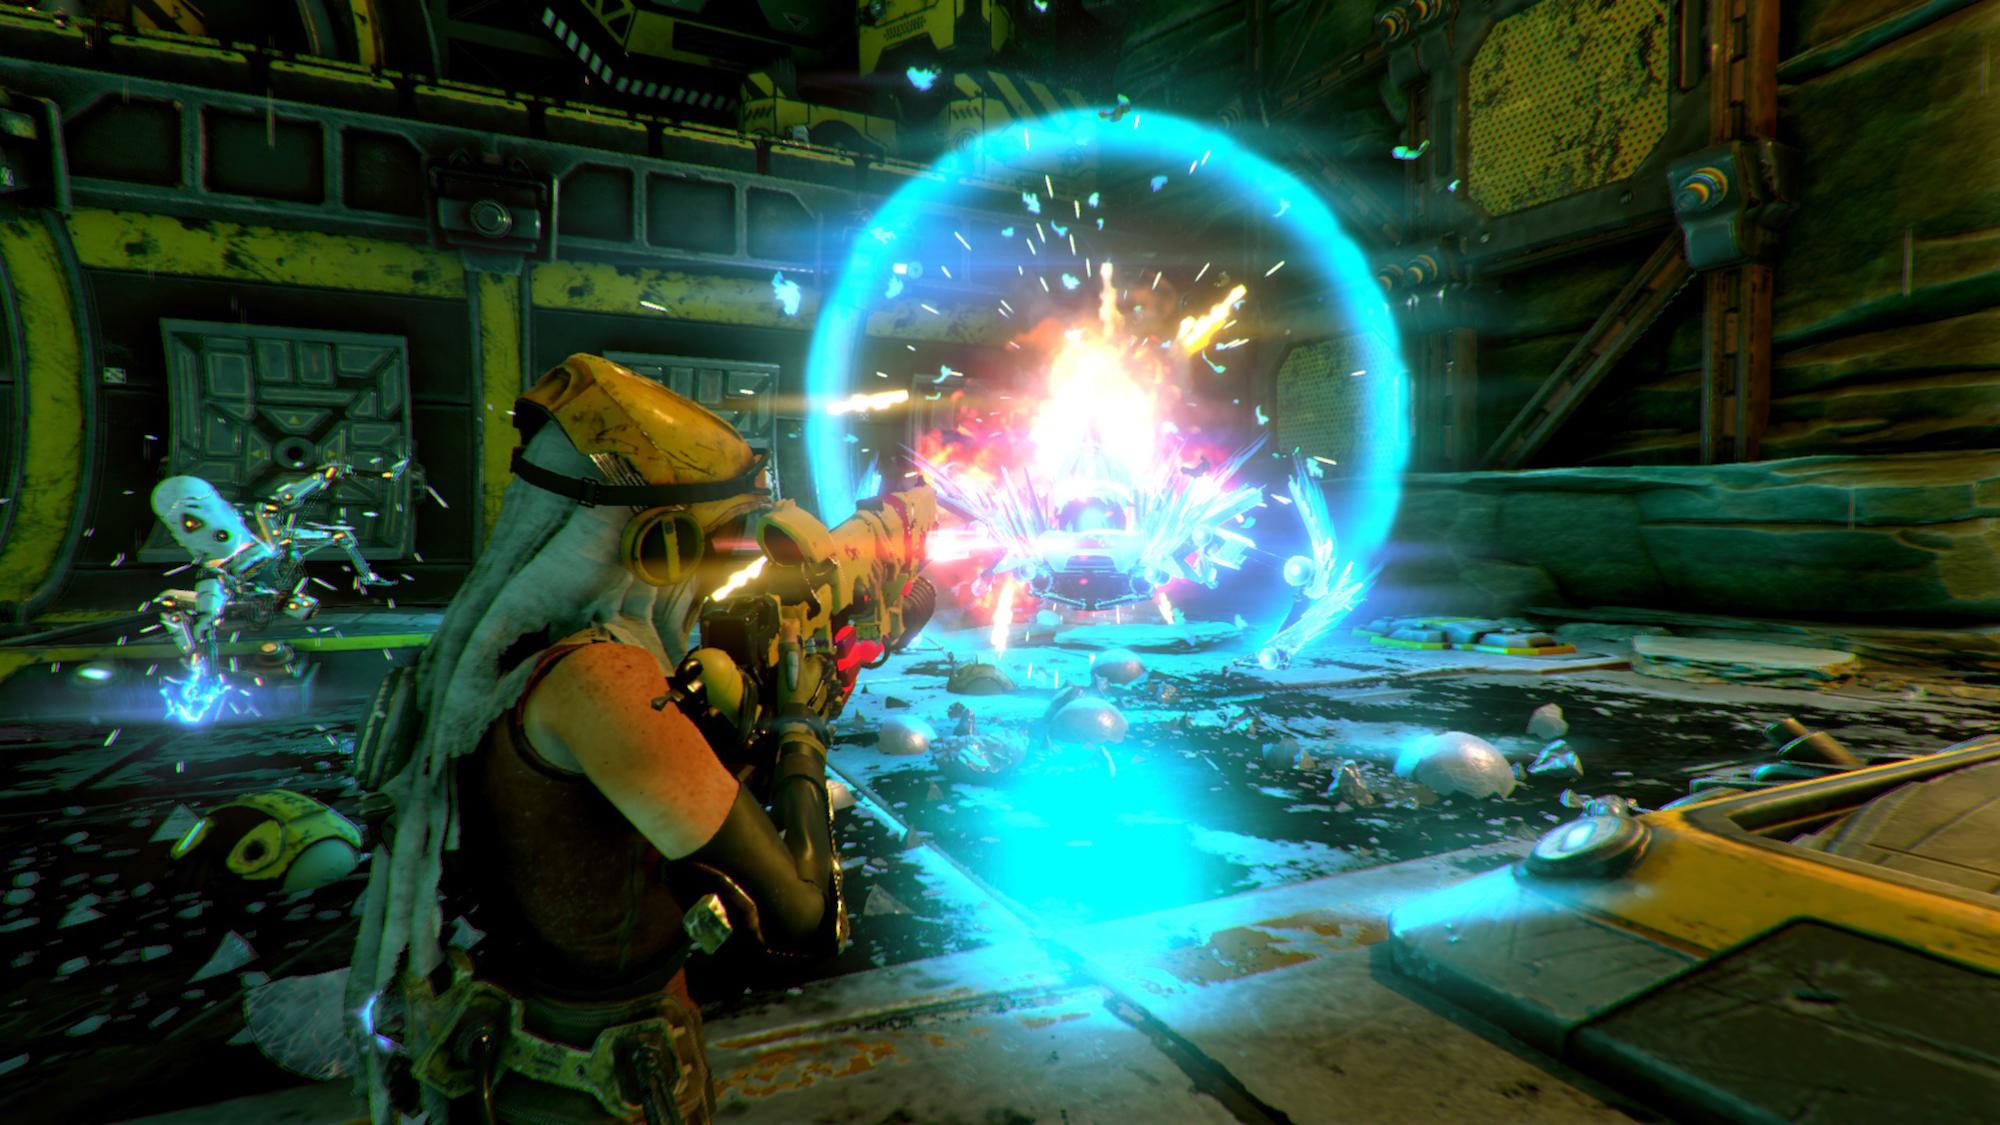 recore - новая игра 2016 года на Xbox One и PC Windows 10.